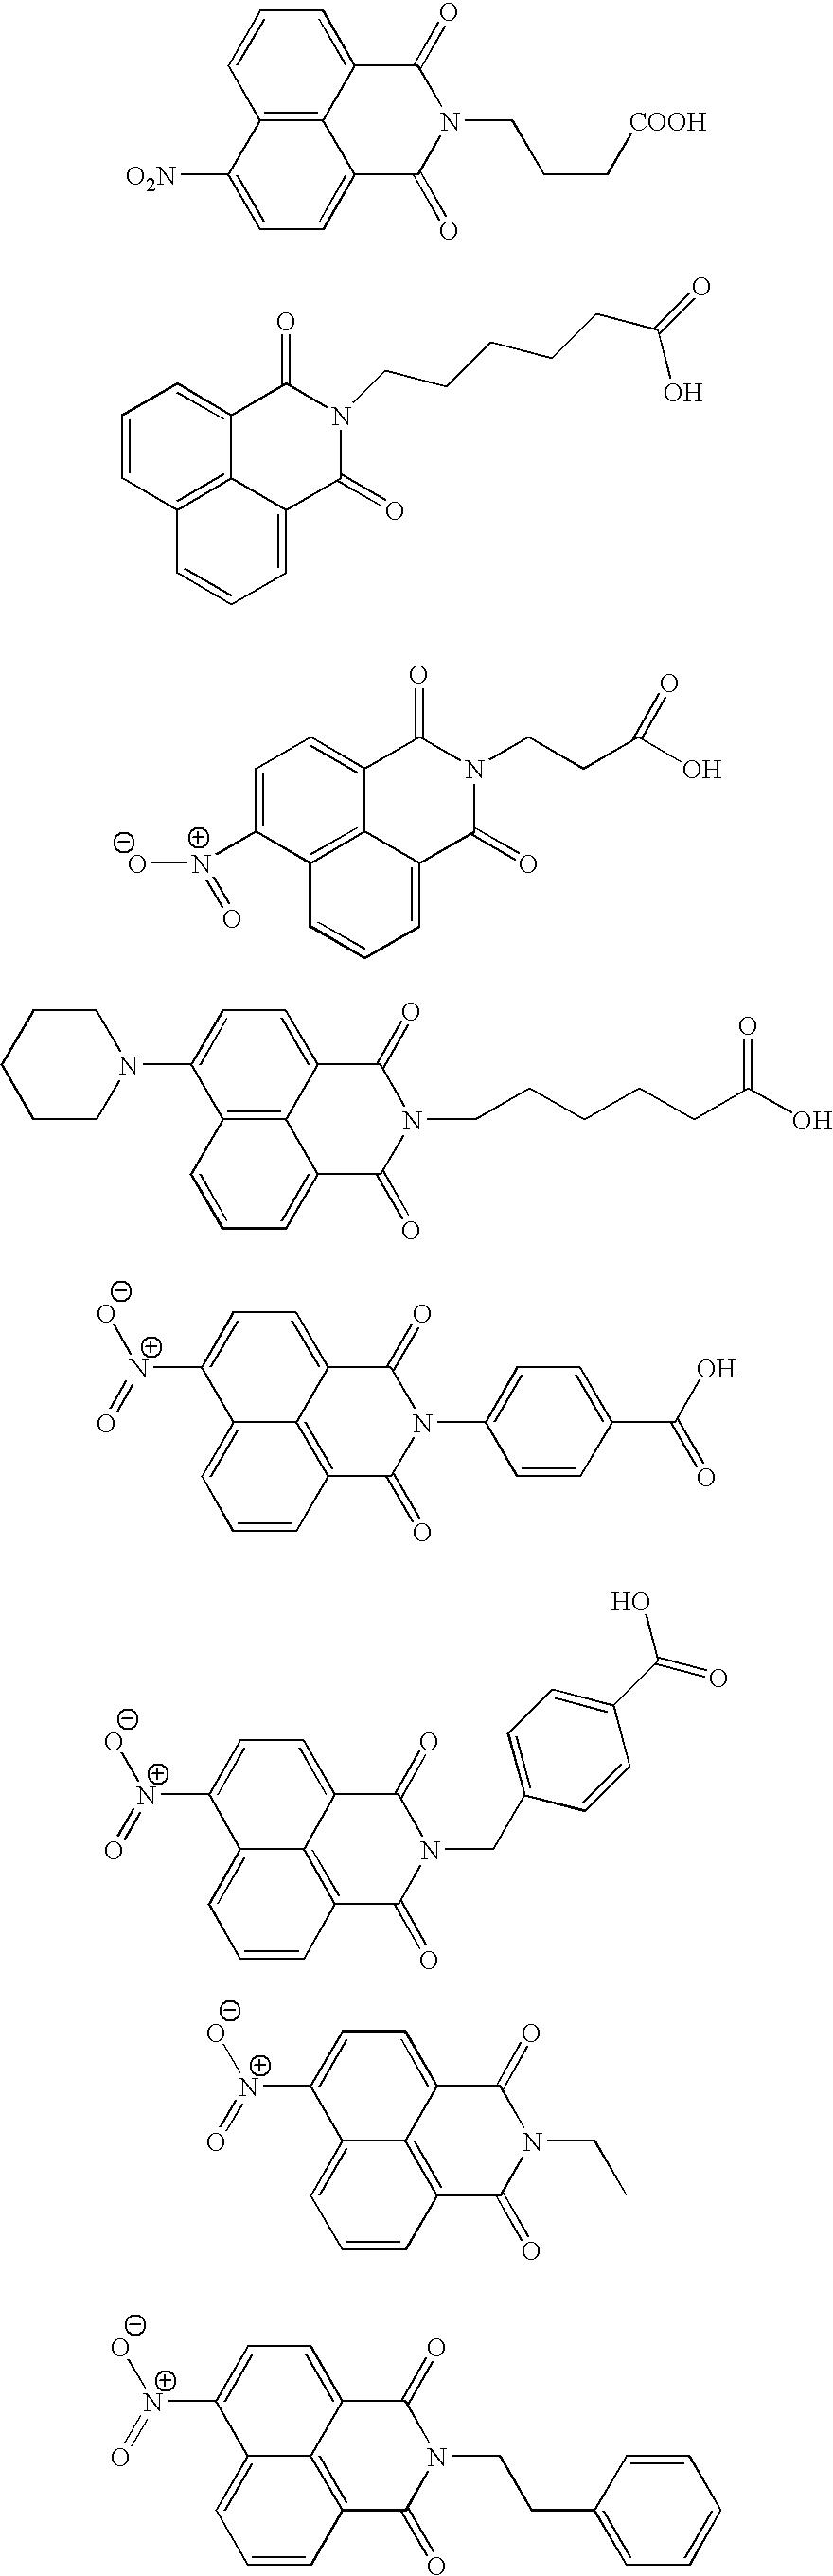 Figure US08119656-20120221-C00025